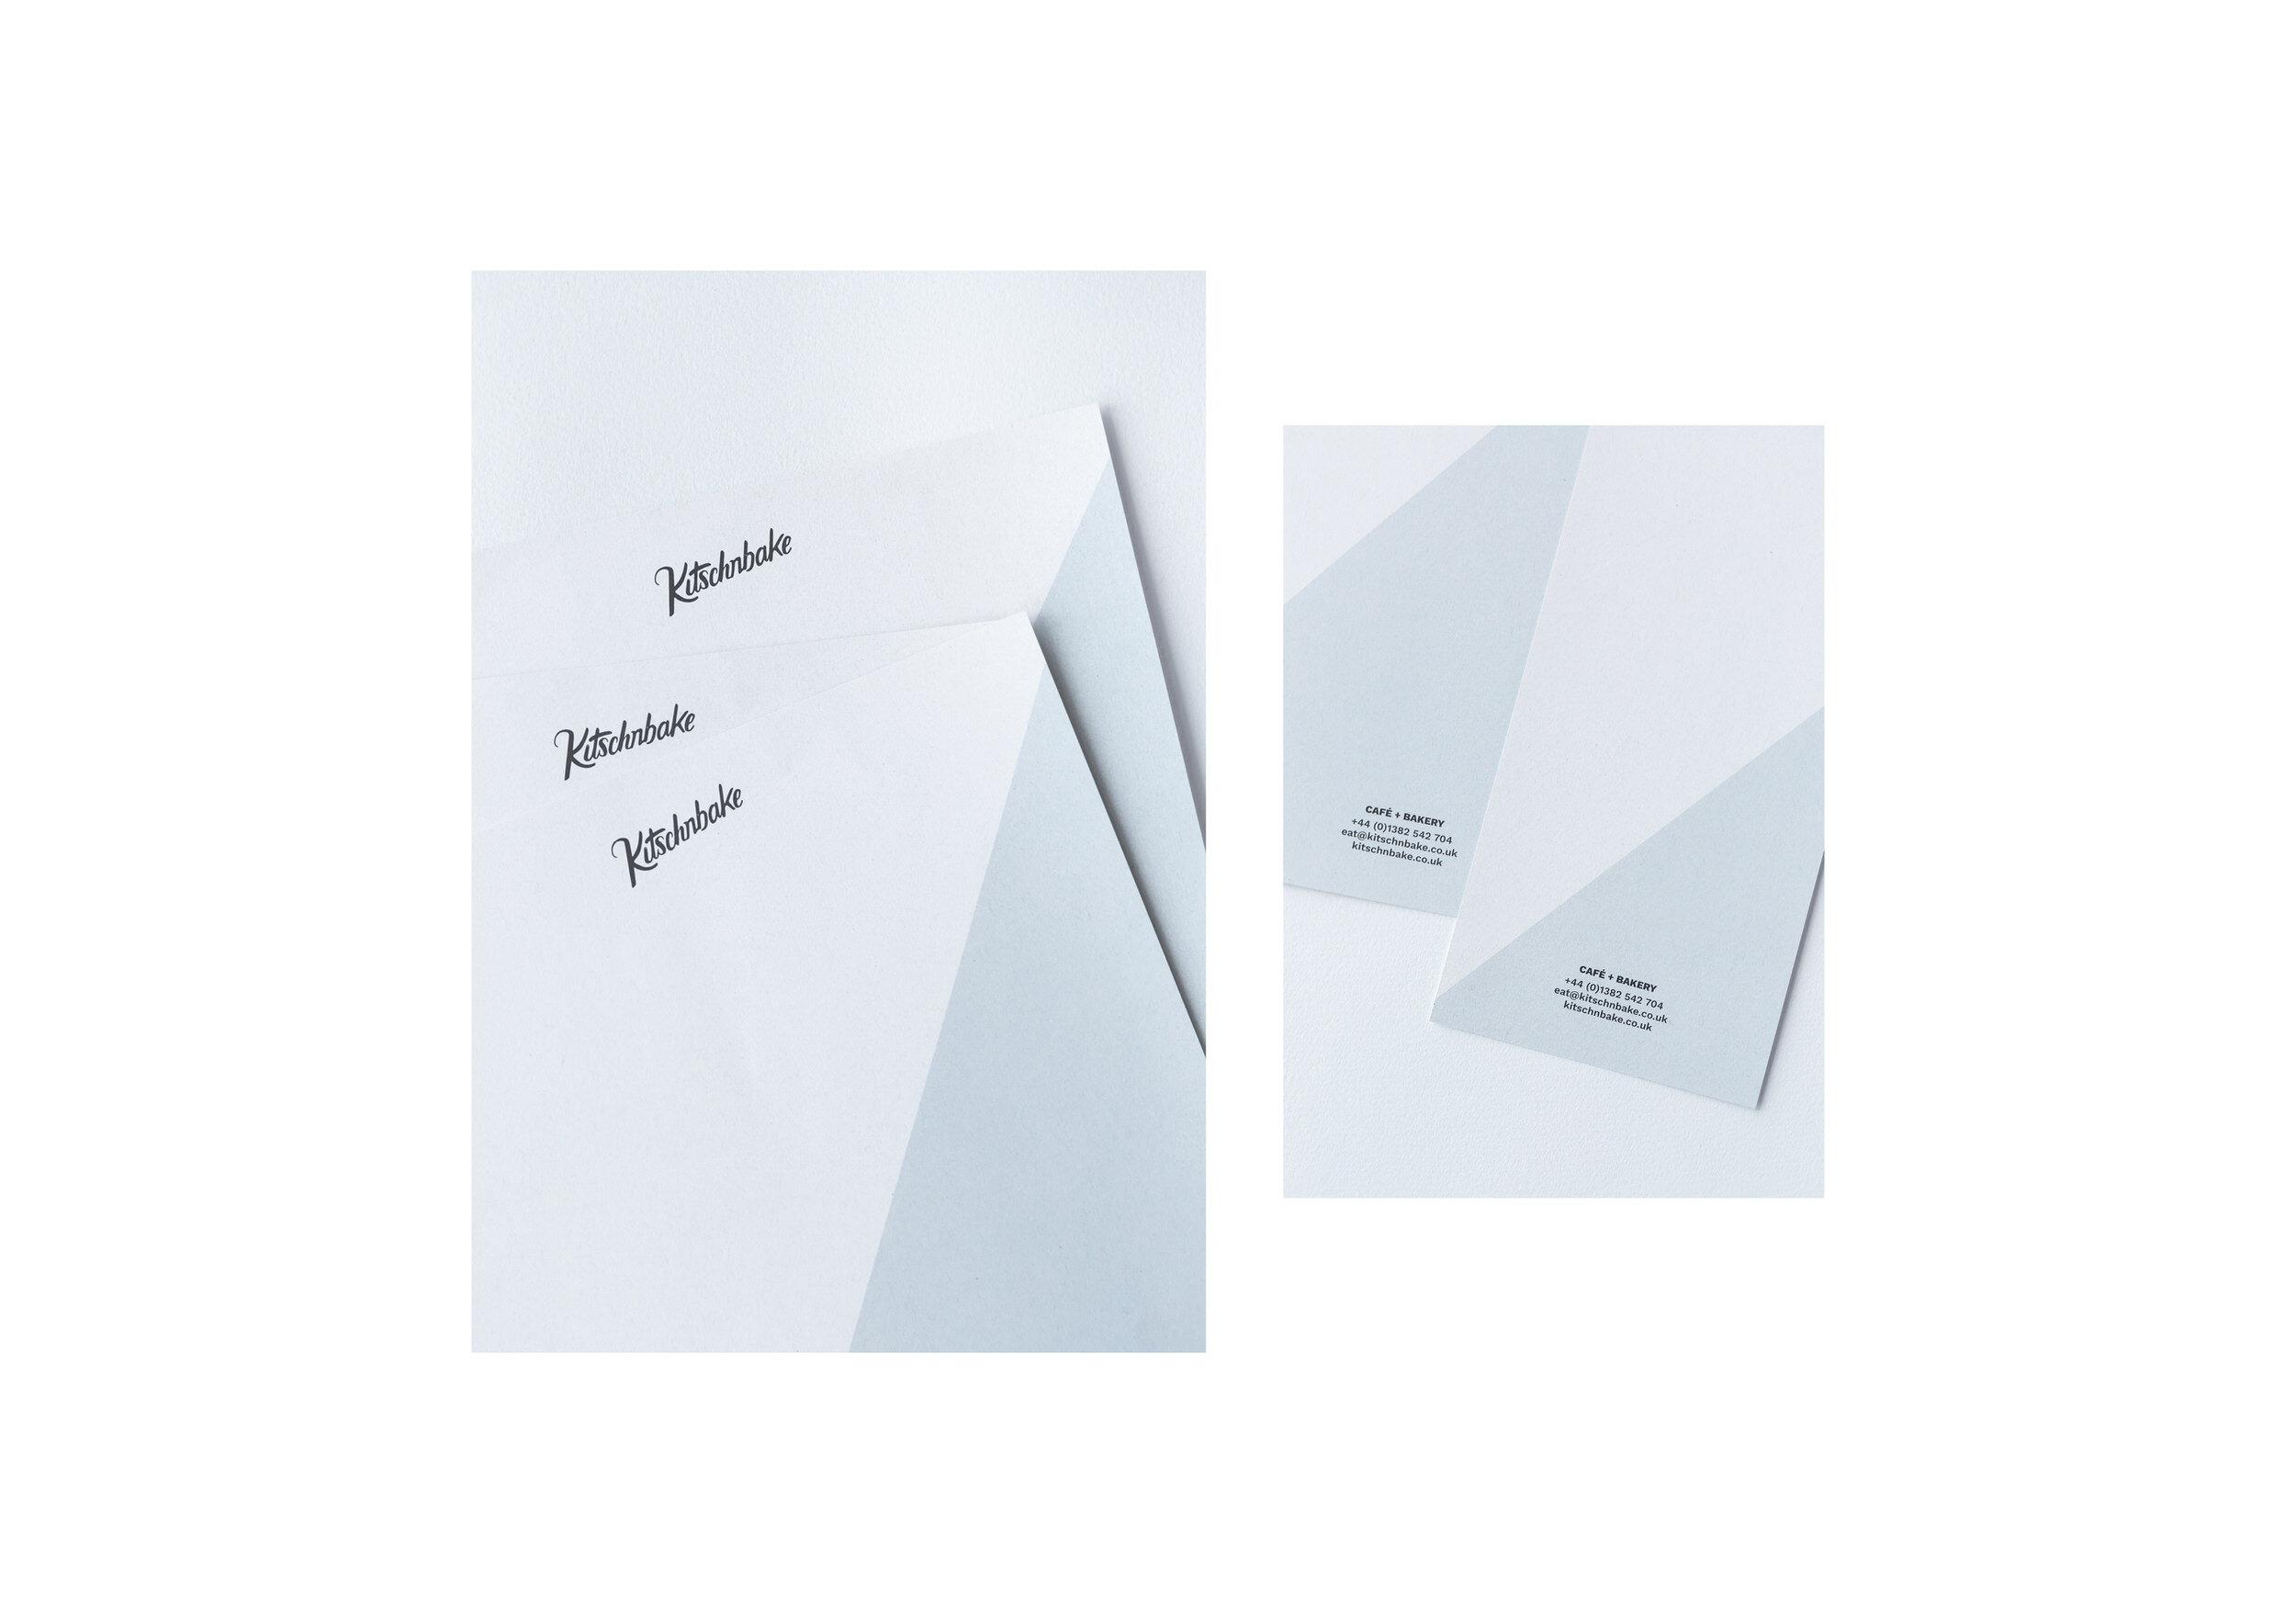 WalnutWasp-Print-Design-Services11.jpg